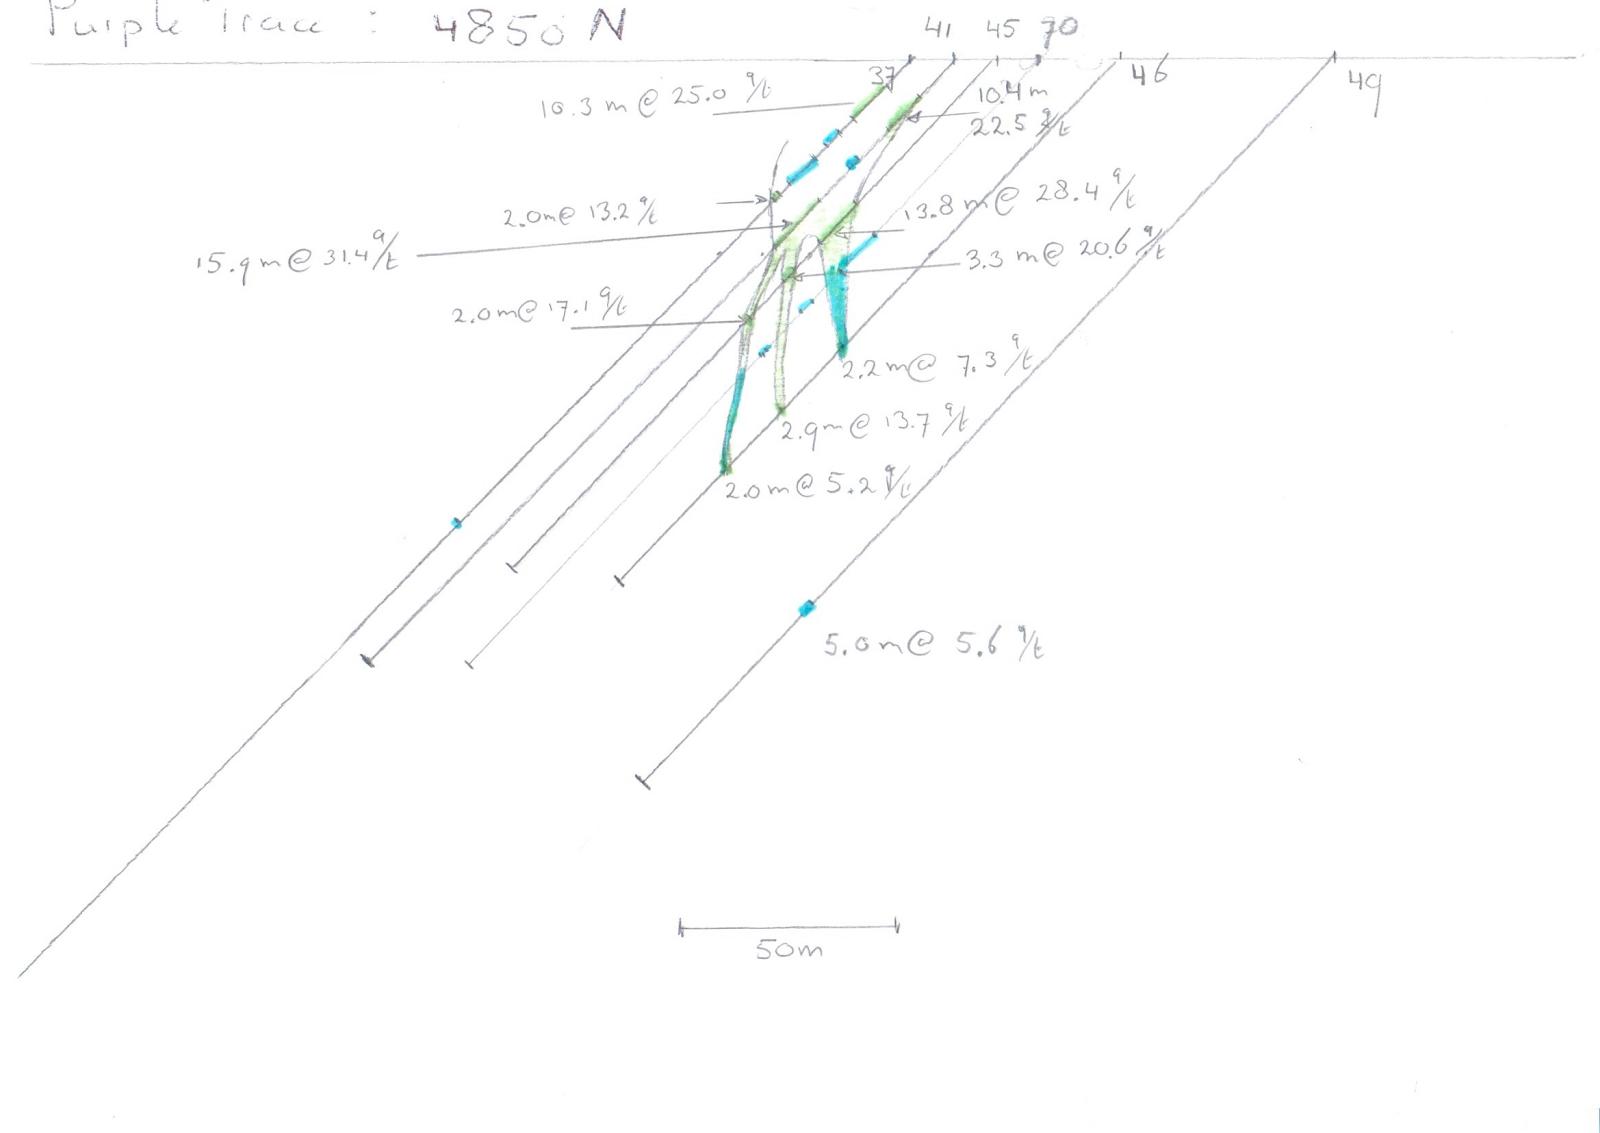 Figure 9: Keats Zone Cross Section 4850 N